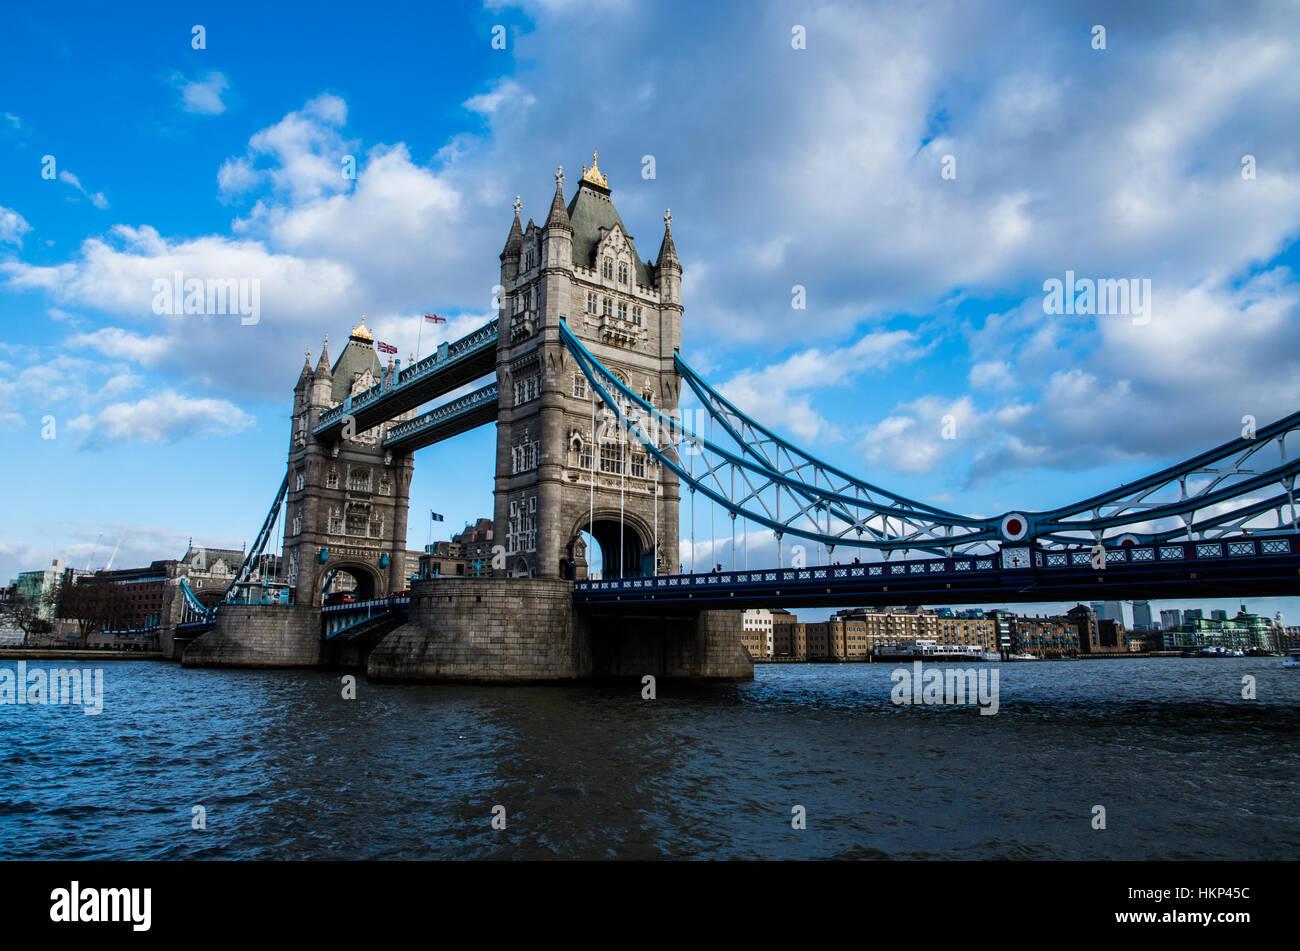 L'iconico Tower Bridge con il suo profilo di grande contro il blu cielo sereno in inverno. Immagini Stock